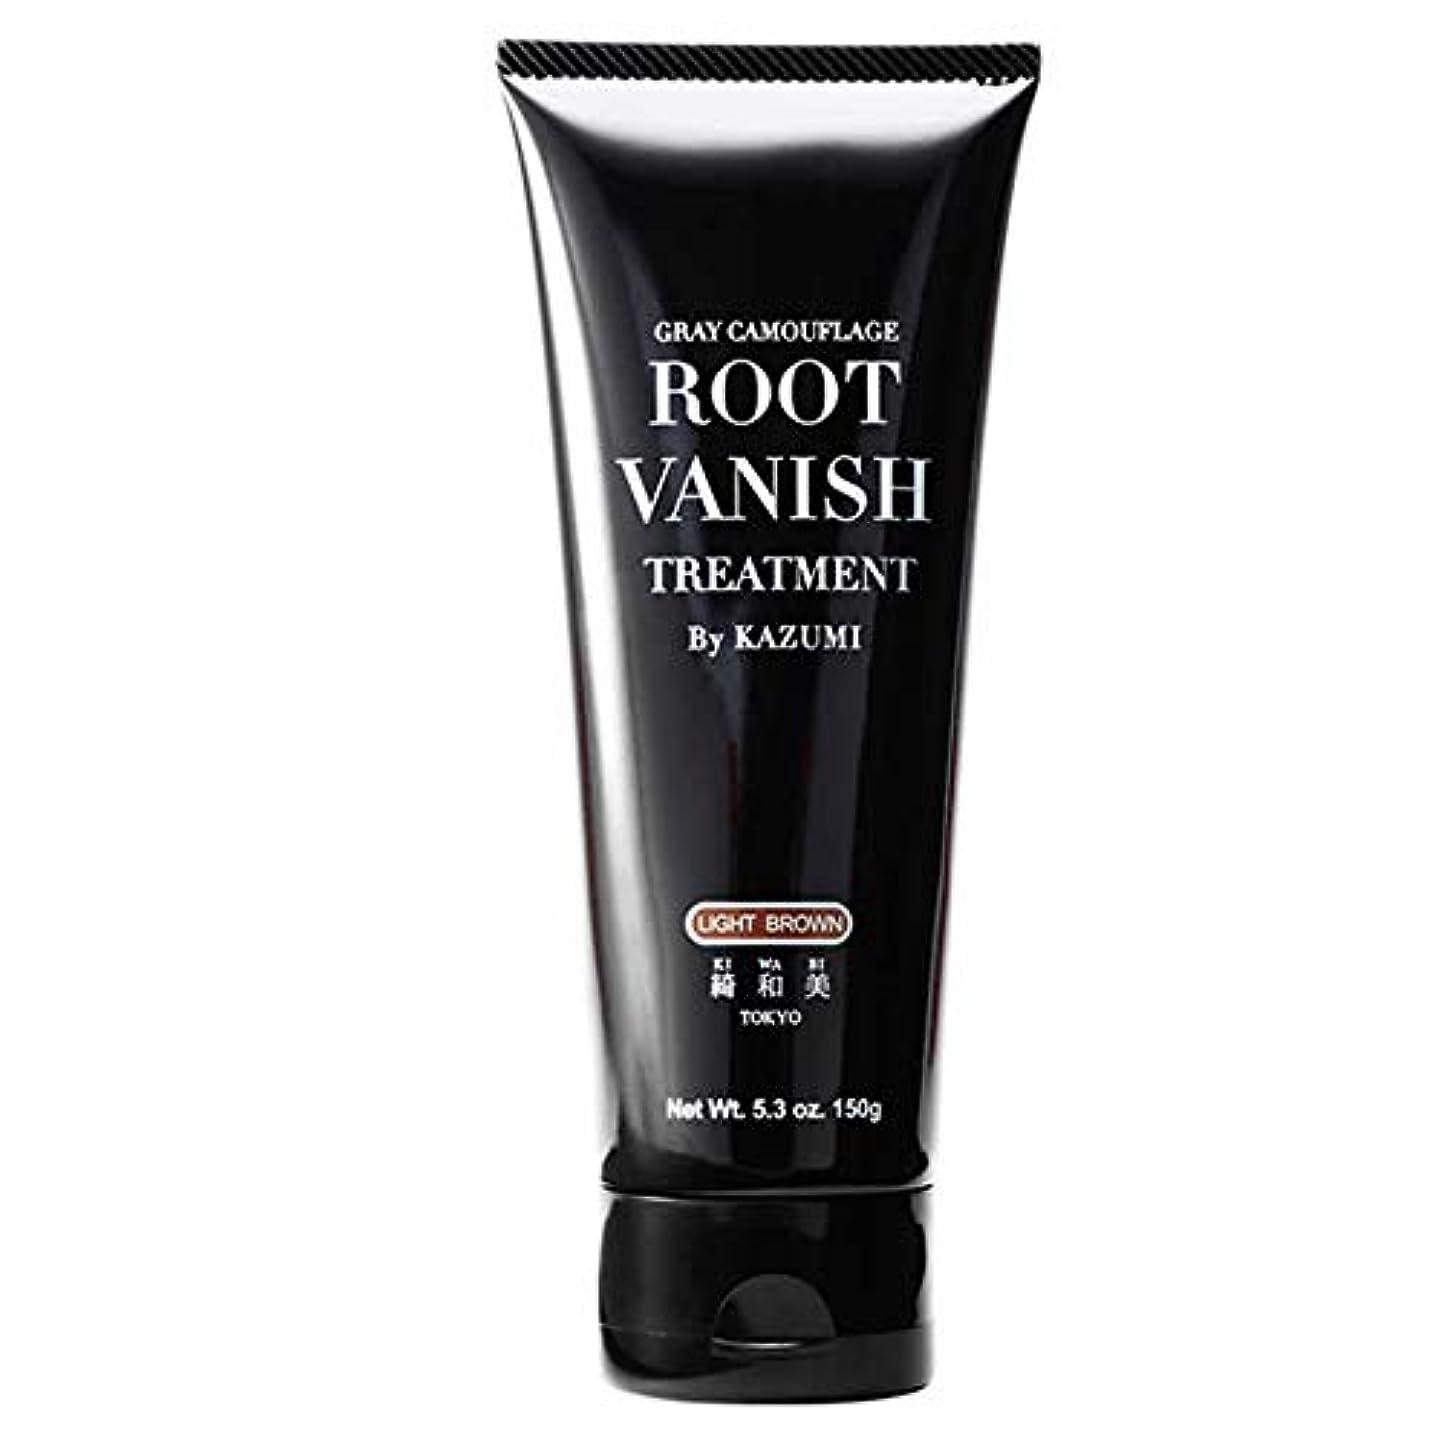 ペンダント食堂ロッドRoot Vanish 白髪染め (ライトブラウン) ヘアカラートリートメント 女性用 [100%天然成分 / 無添加22種類の植物エキス配合]